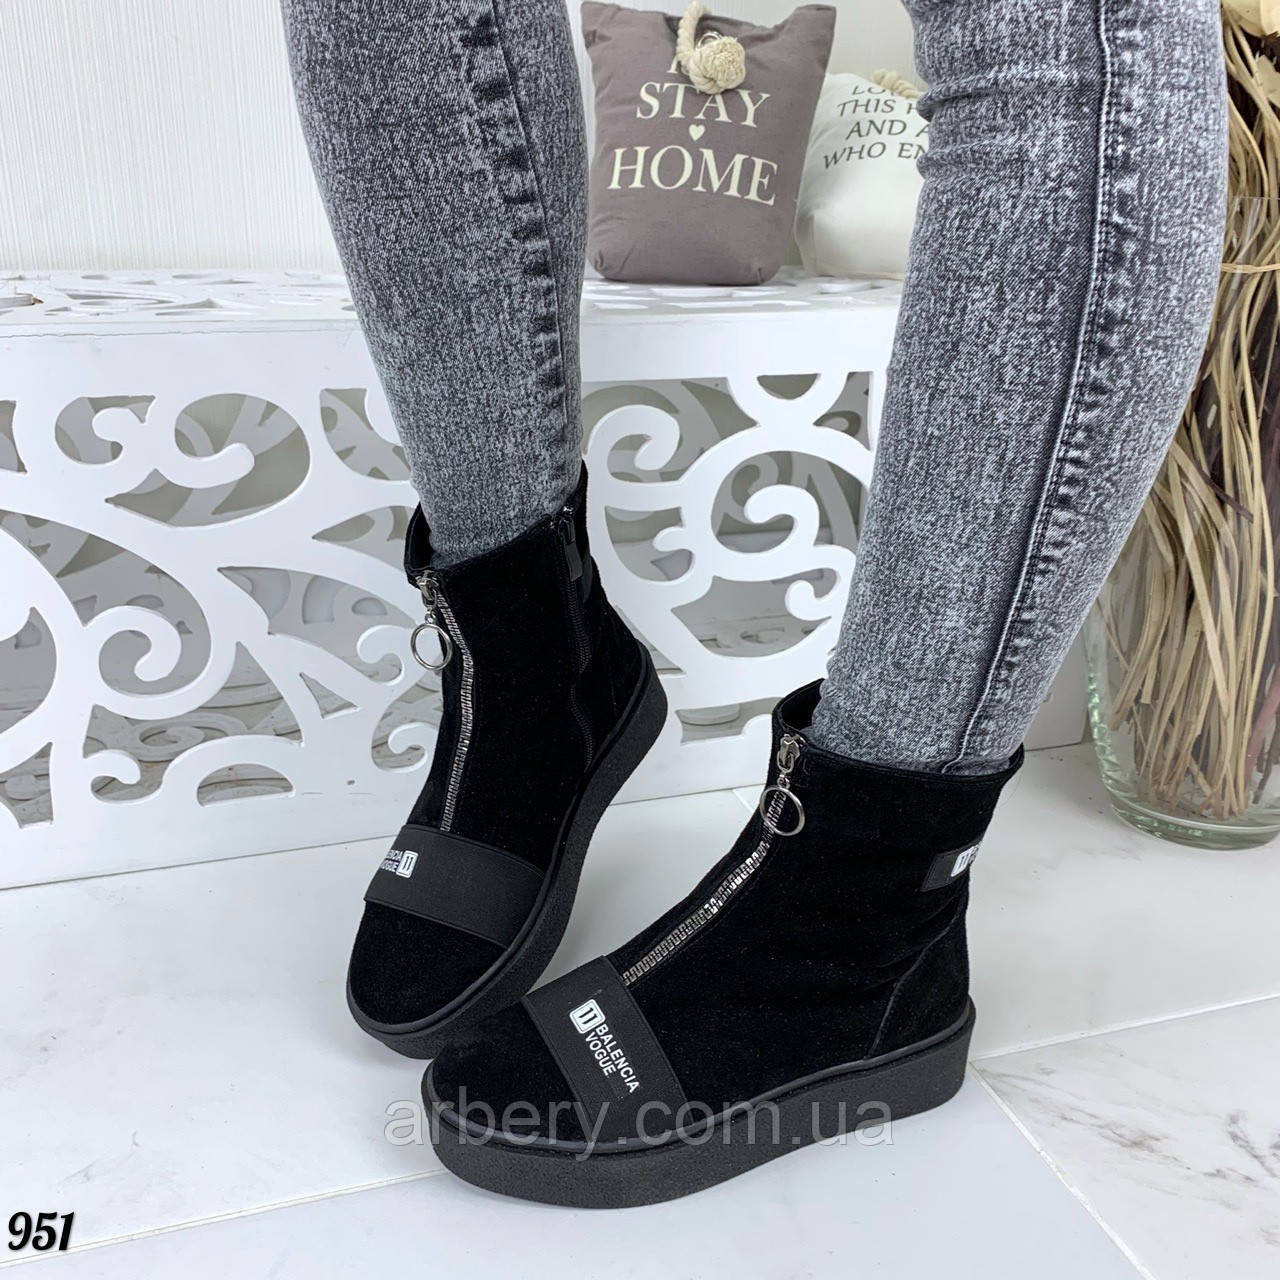 Женские зимние ботинки на каждый день, фото 1